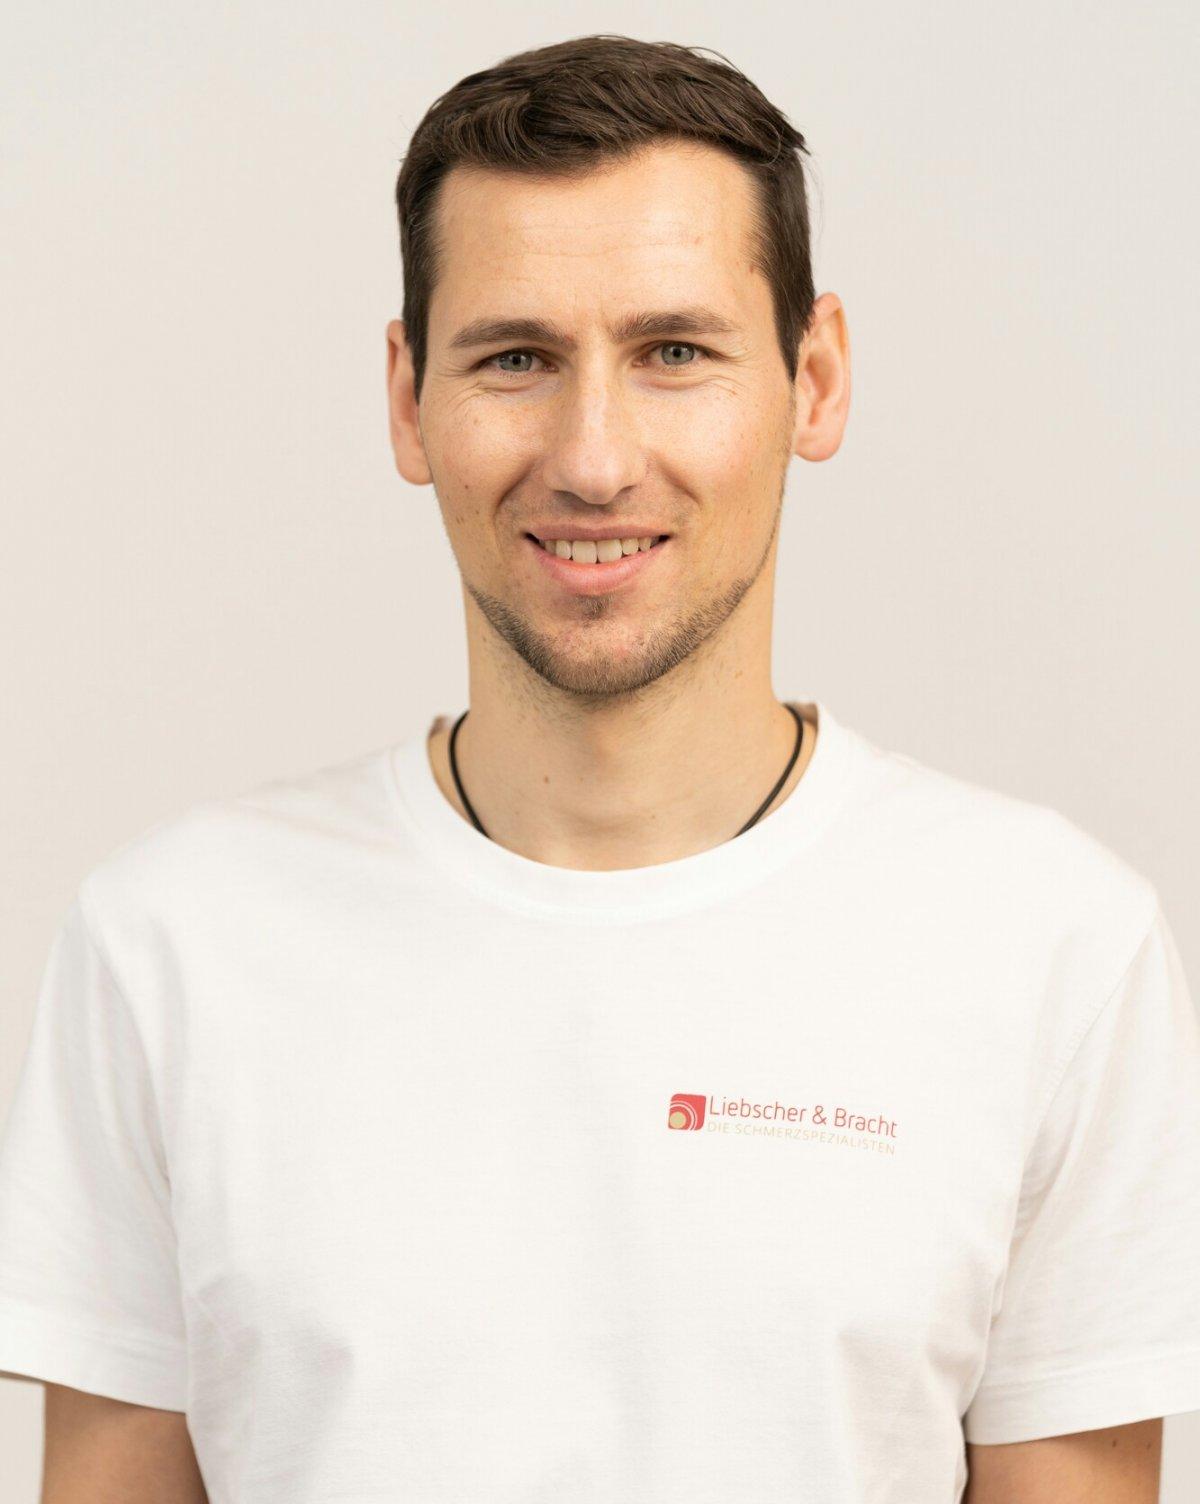 Der junge Physiotherapeut Dominic Bader hat braune Haare und einen Dreitagebart und steht mit einem weißen Liebscher & Bracht T-Shirt vor einem weißen Hintergrund.